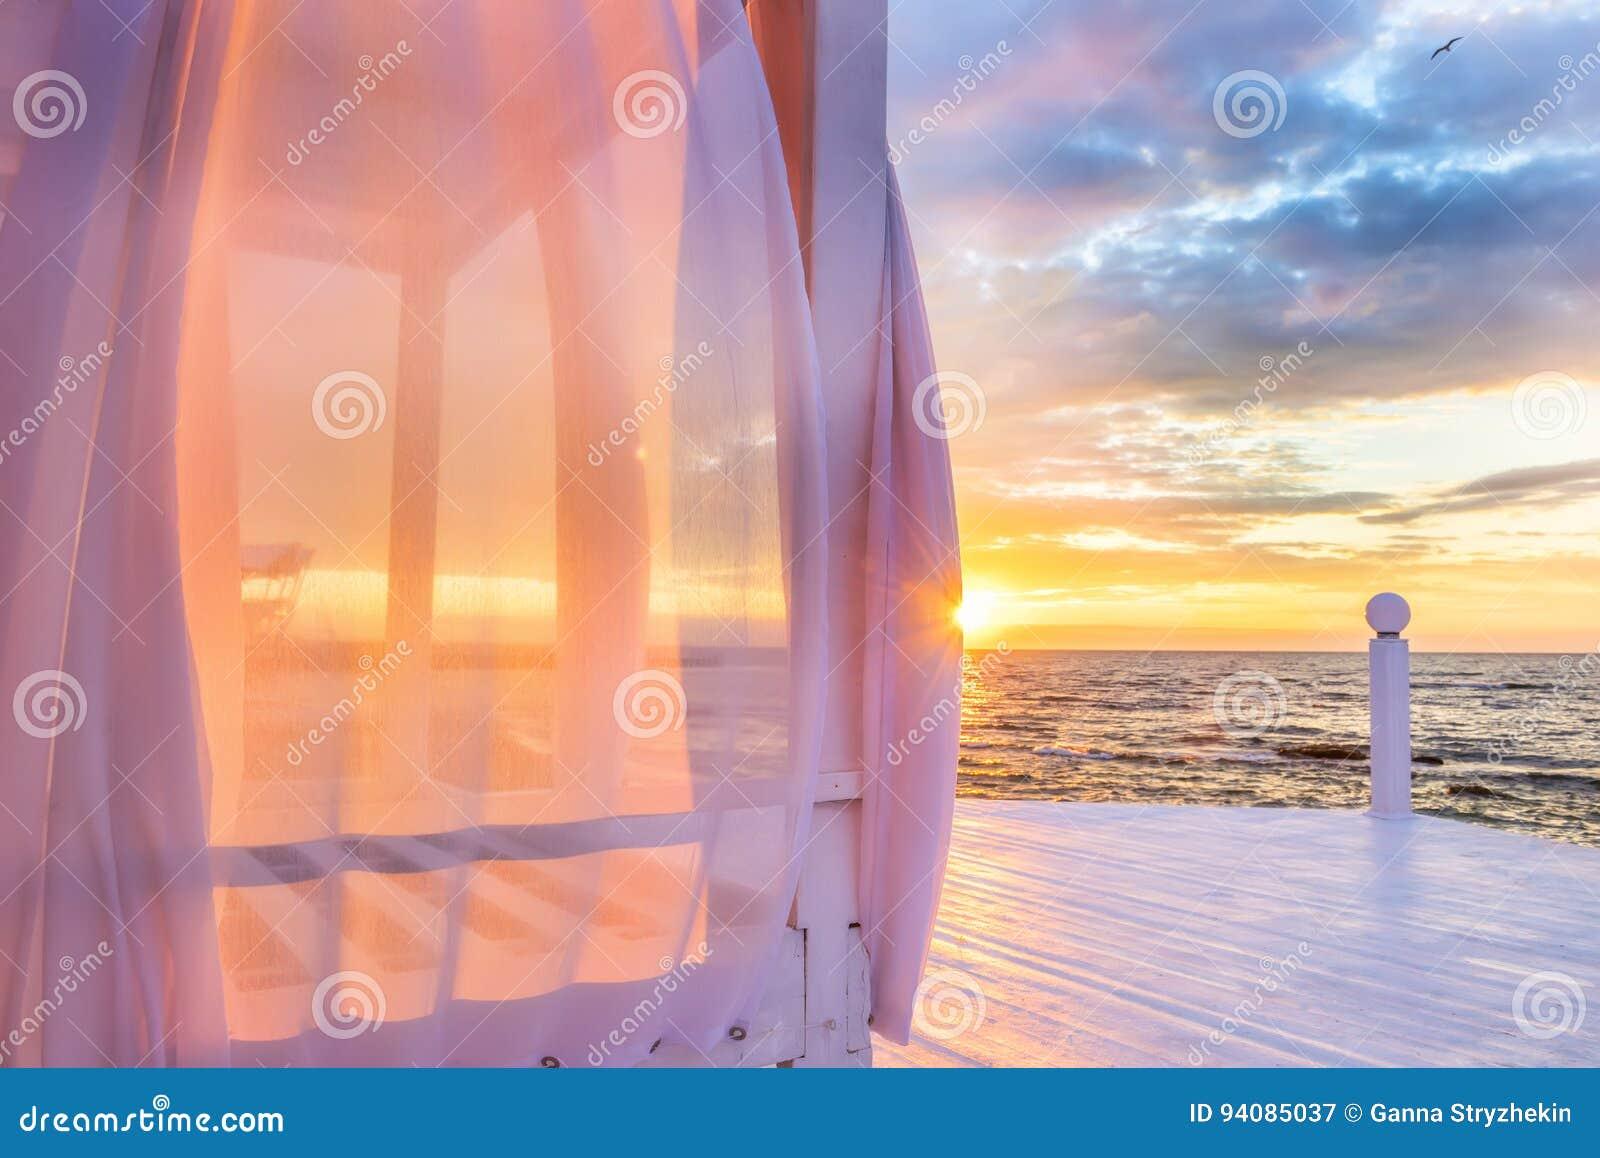 与空中被风吹桃红色帷幕的一个眺望台在海滨在黎明